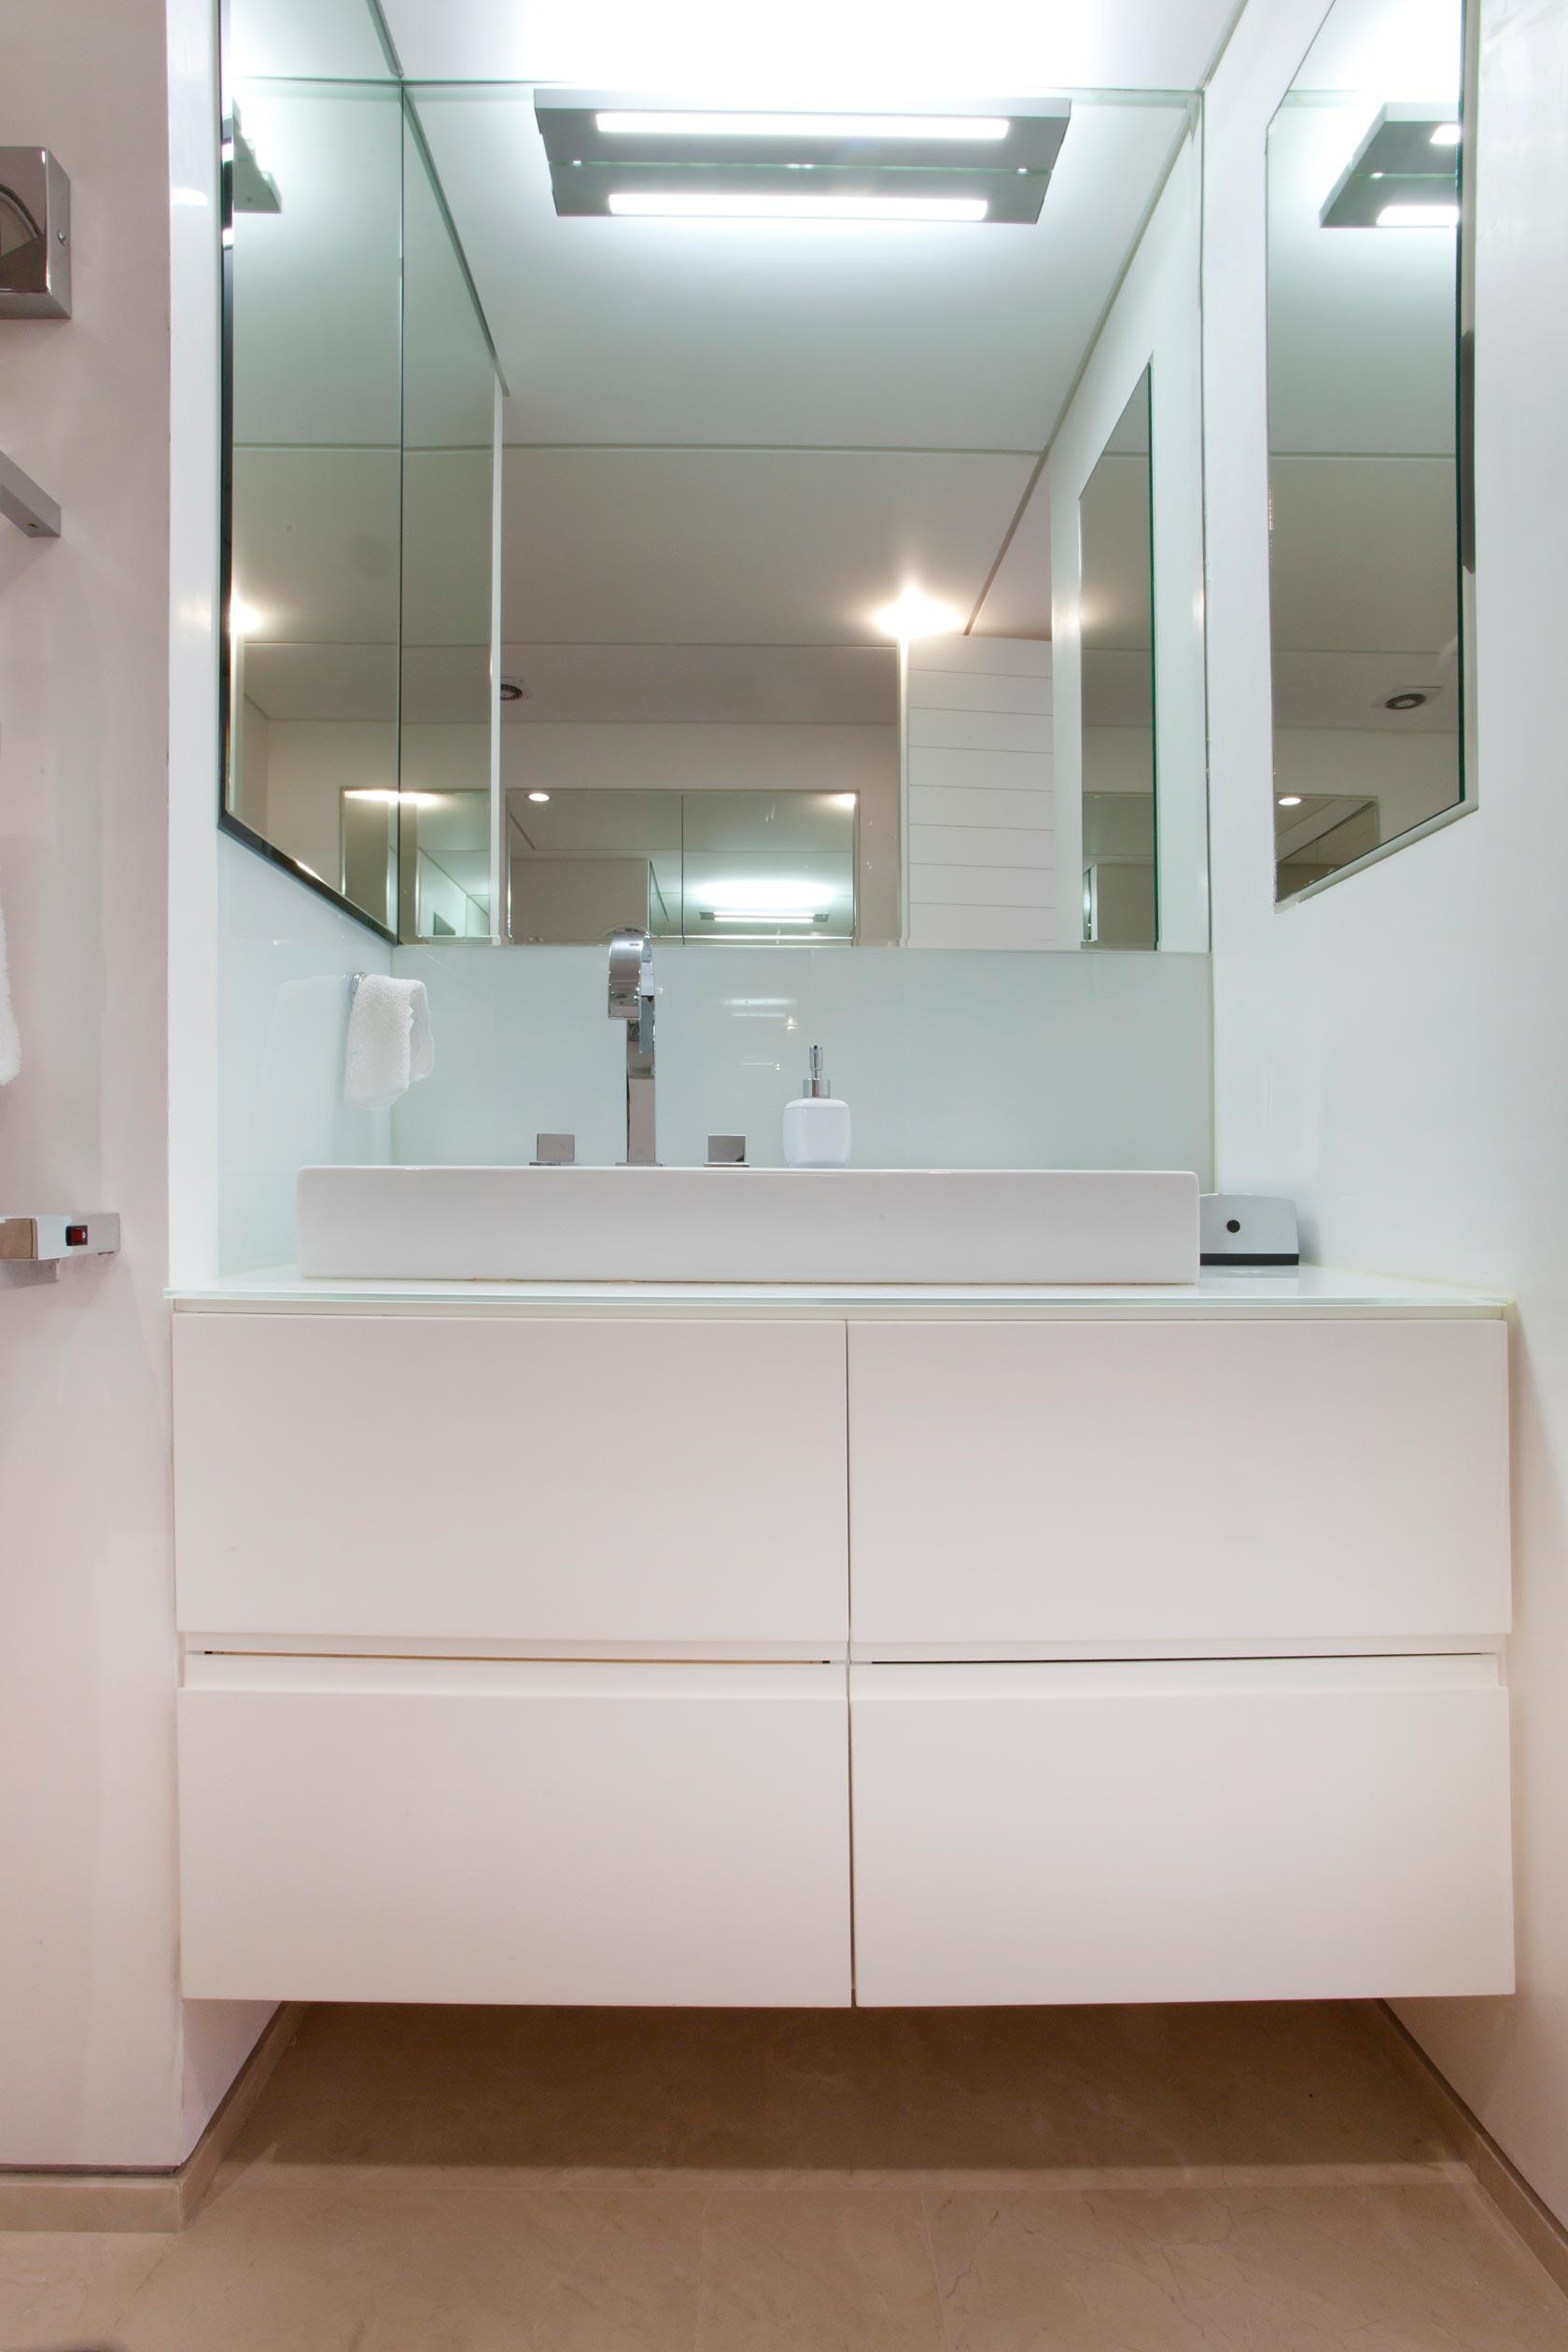 ארון כיור אמבטיה צבע אפוקסי ידית אינטגרלית מראה